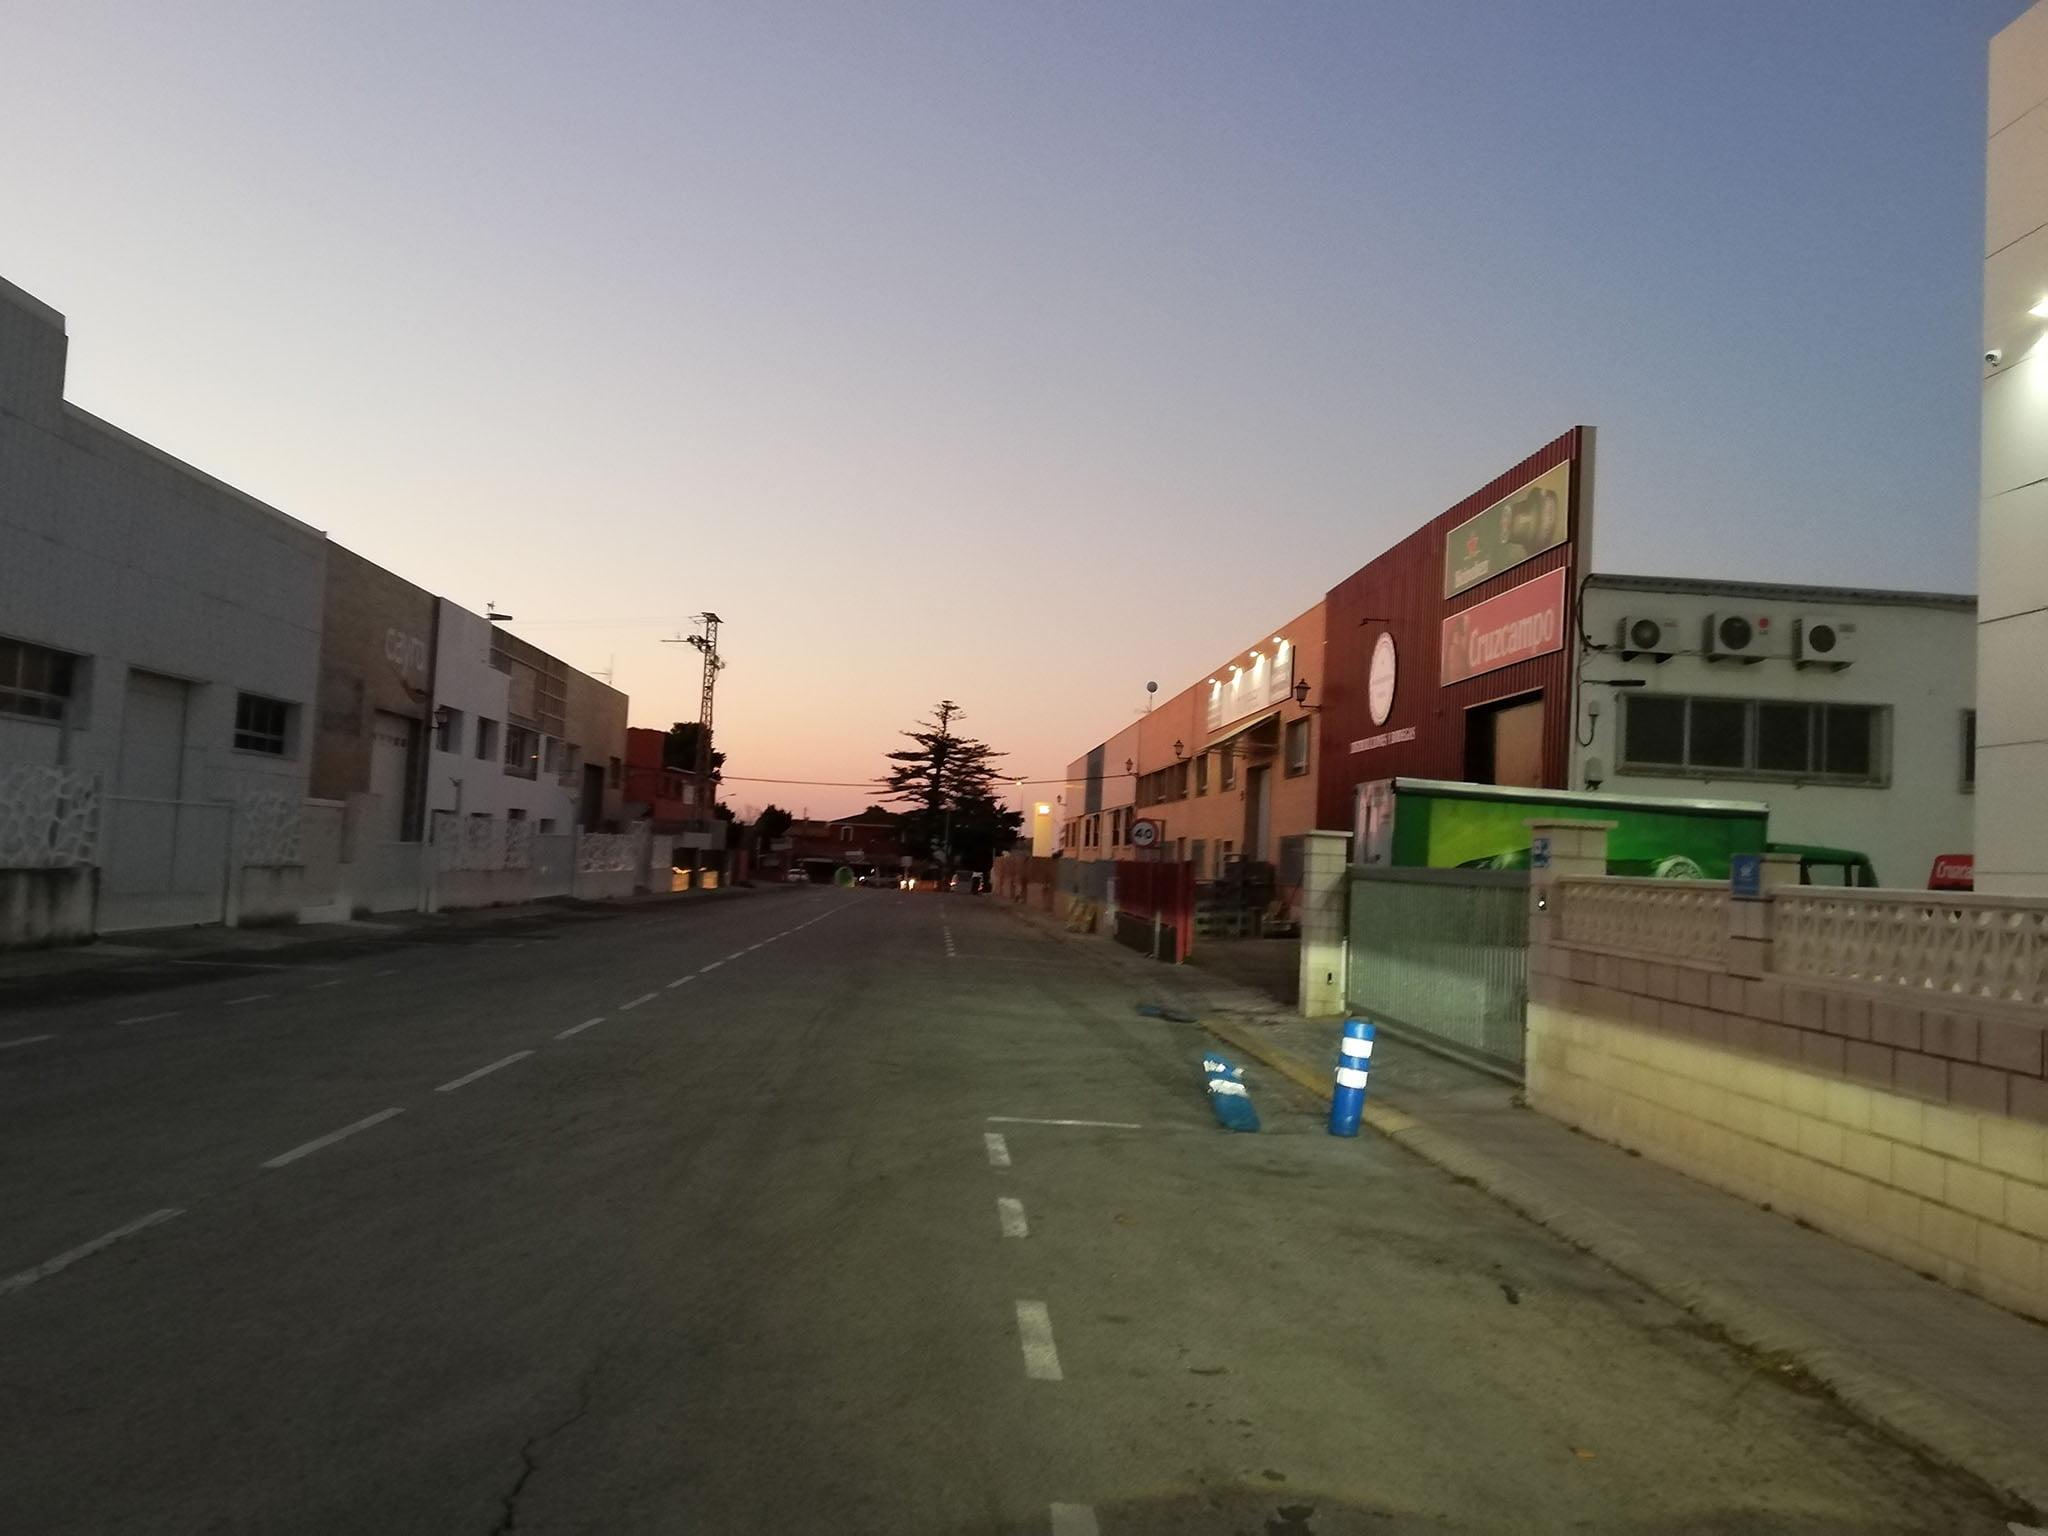 Dénia recibe una subvención de la Generalitat para el asfaltado de viales y la rotulación de las calles del polígono industrial